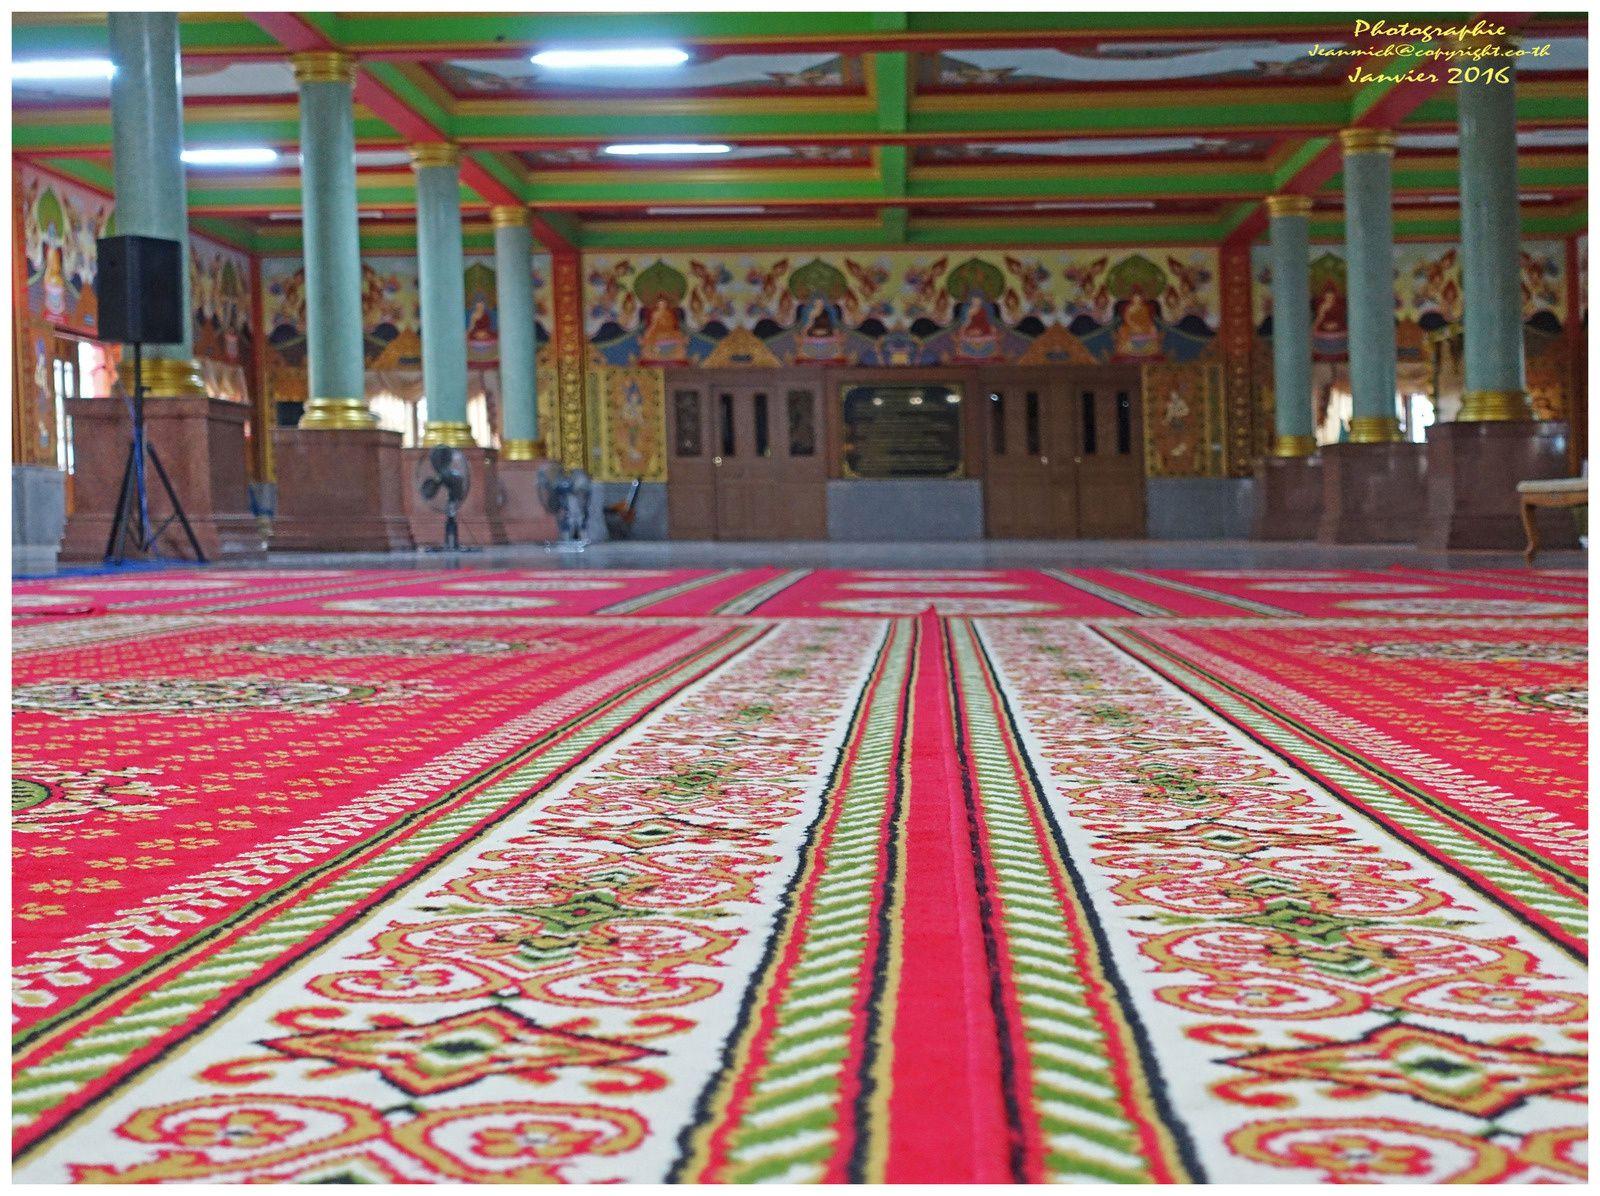 L'intérieur du temple de Wat Khuan Ubolratana Tha Lua